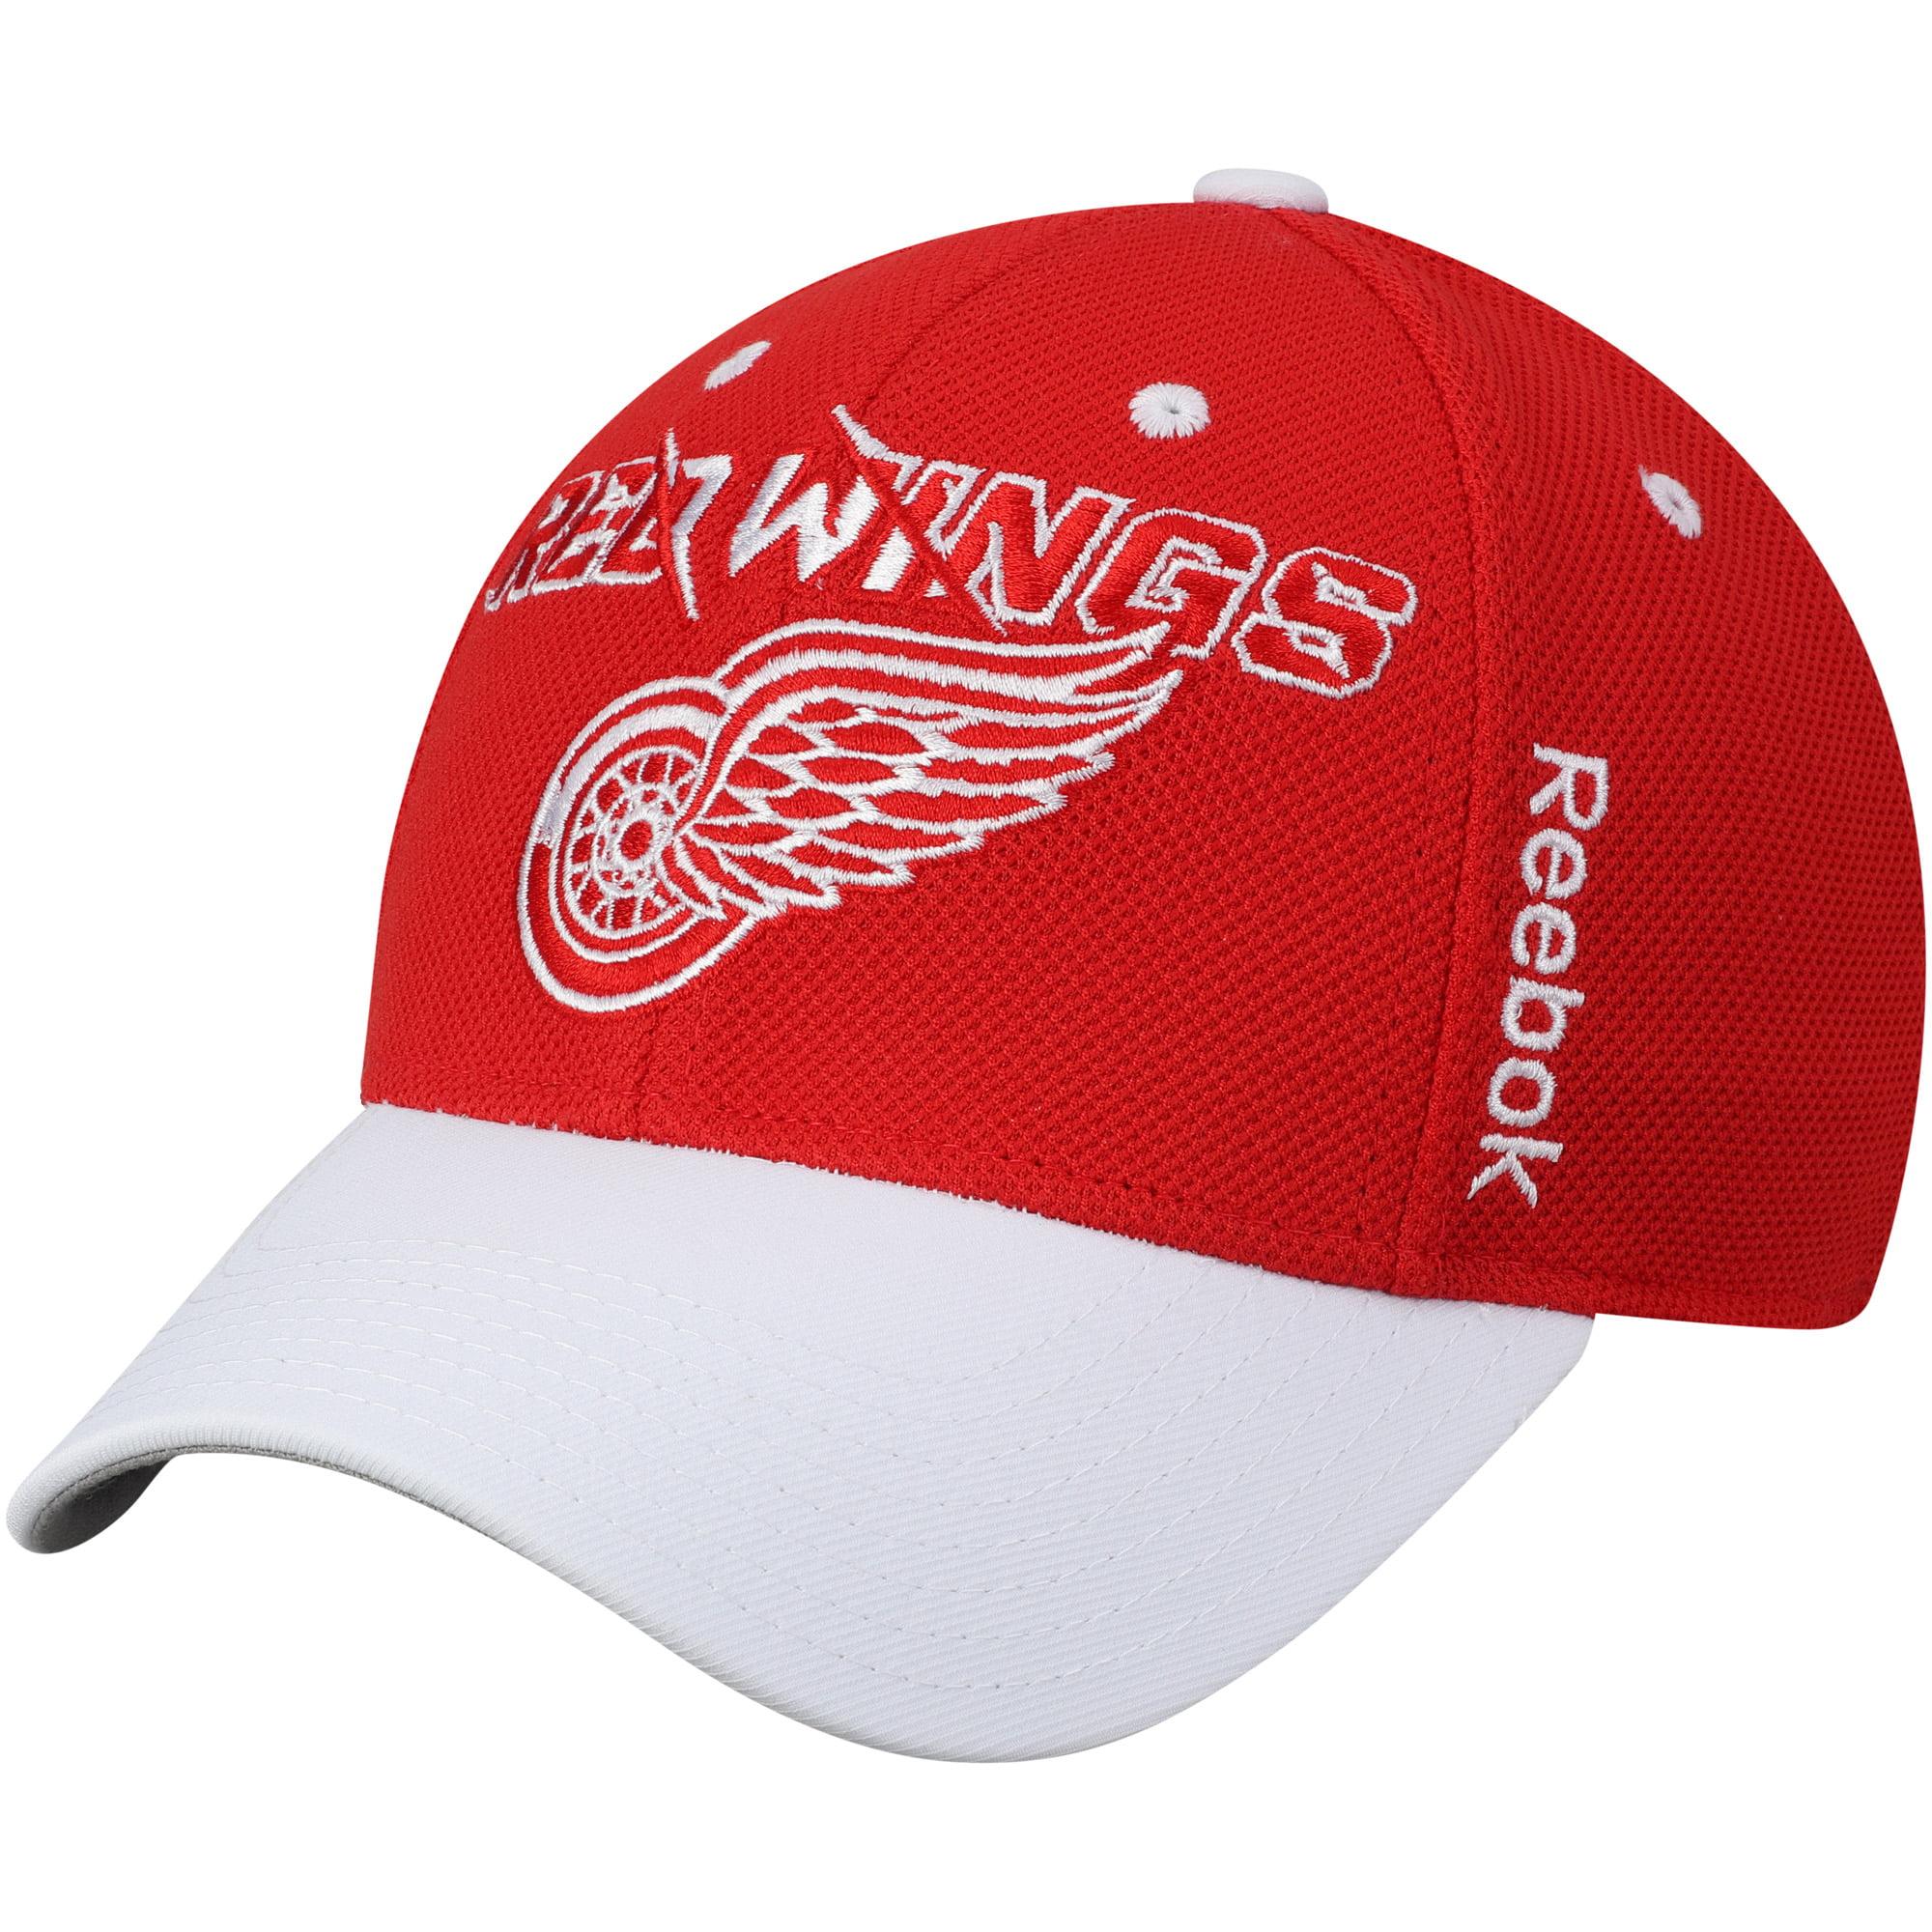 Detroit Red Wings Reebok Second Season Flex Hat - Red